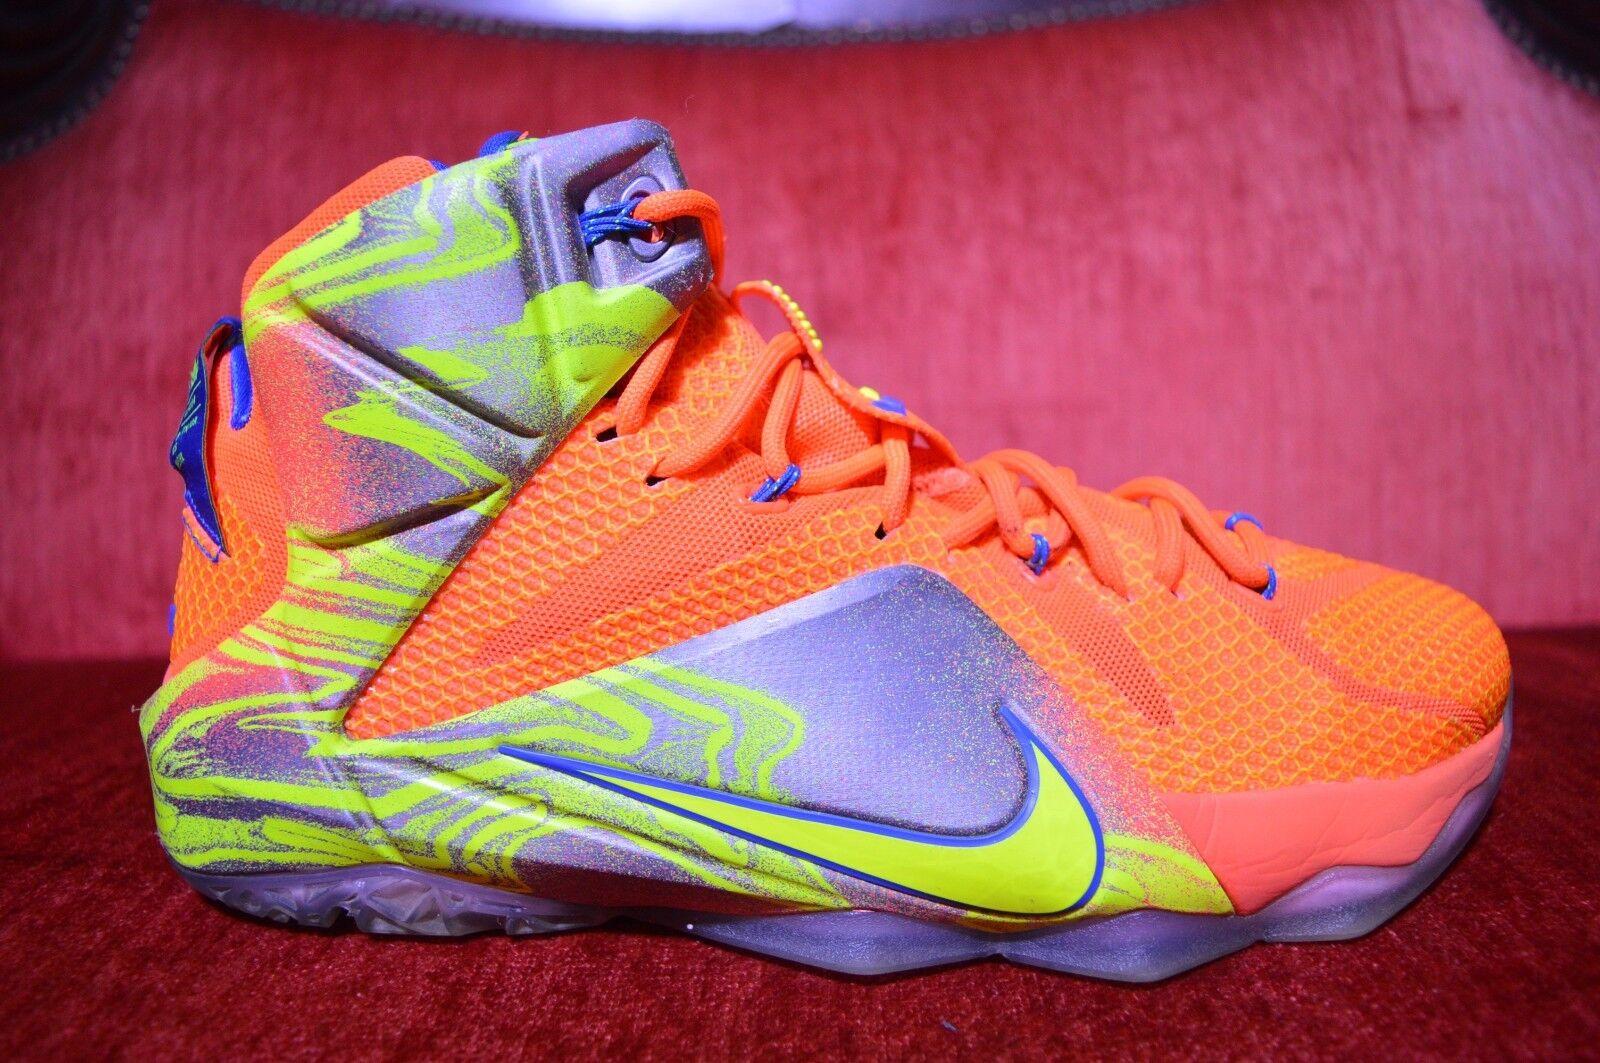 Nike Lebron XII Six Meridians Hyper Crimson Orange Blue USA Size 9 684593 870